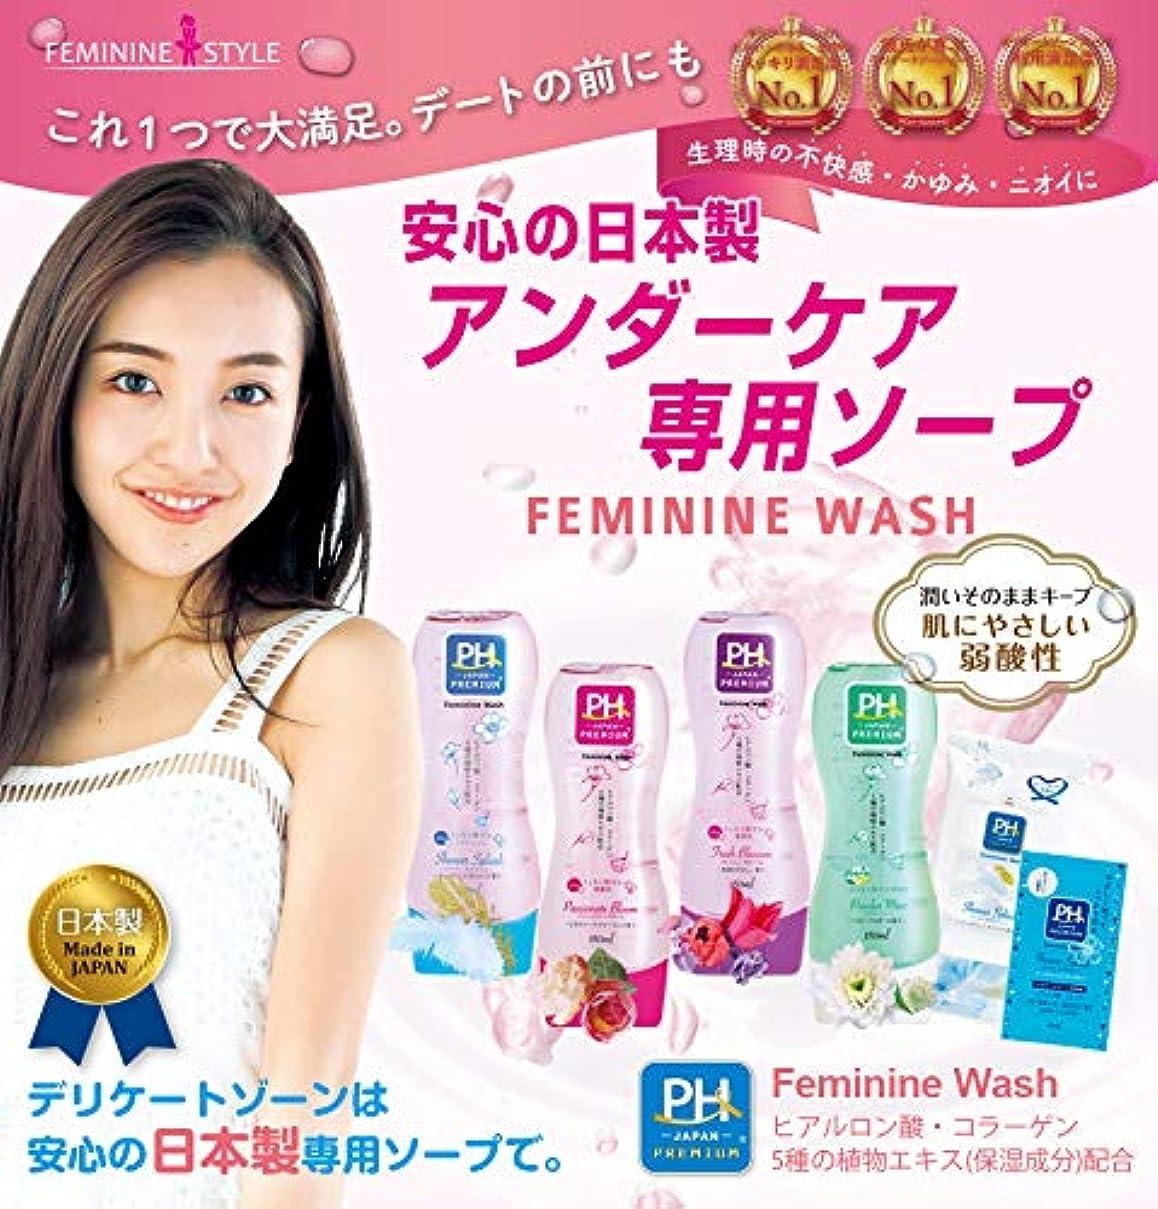 誇大妄想統治可能効果的パッショネイトブルーム2本セット PH JAPAN フェミニンウォッシュ 上品なローズフローラルの香り